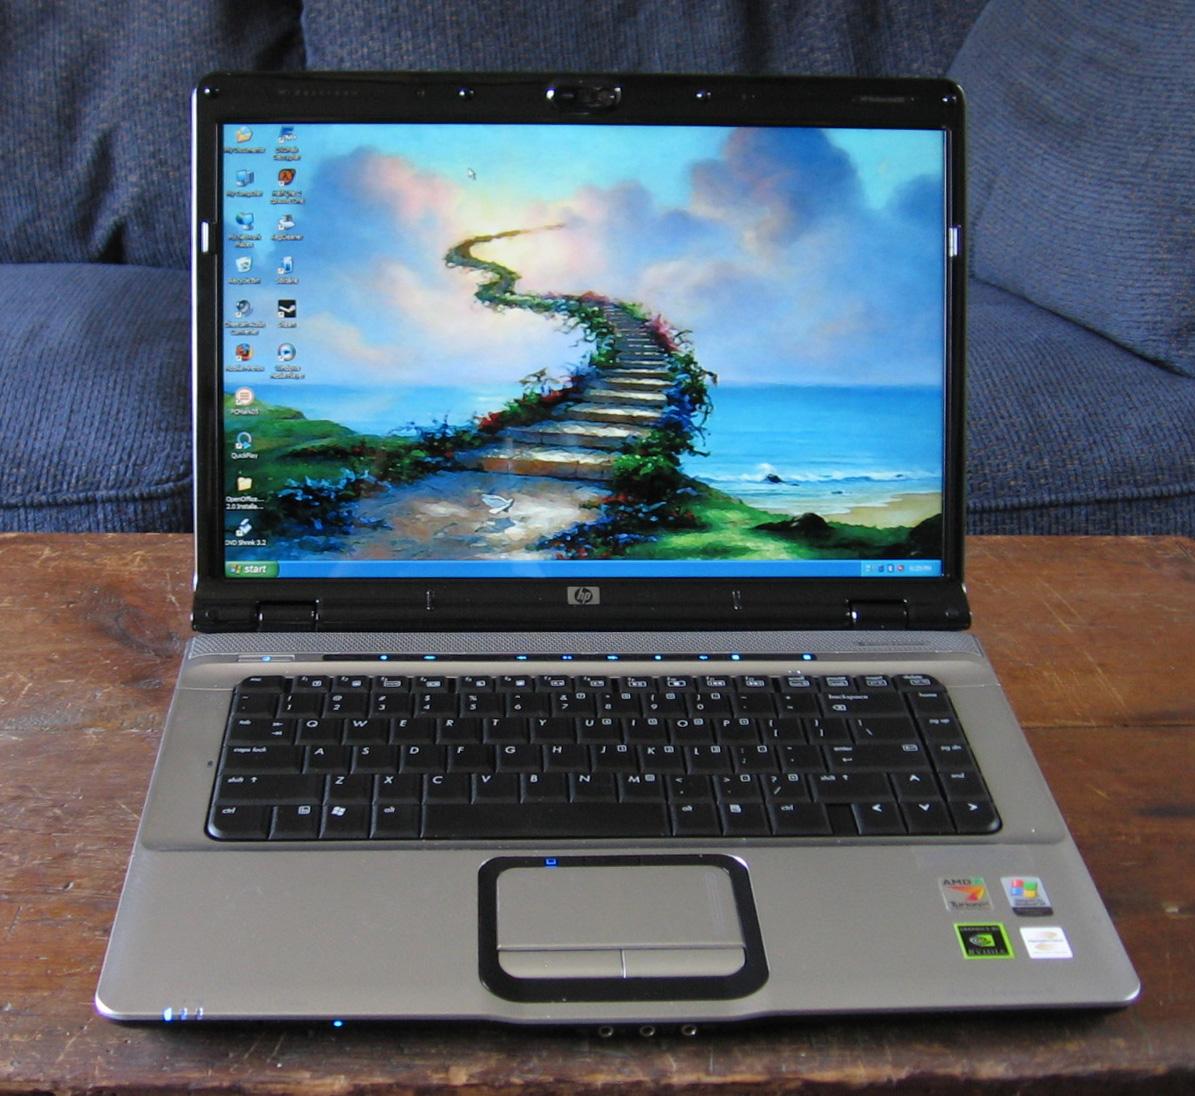 HP DV6000 Laptop Heat Sink For Sale